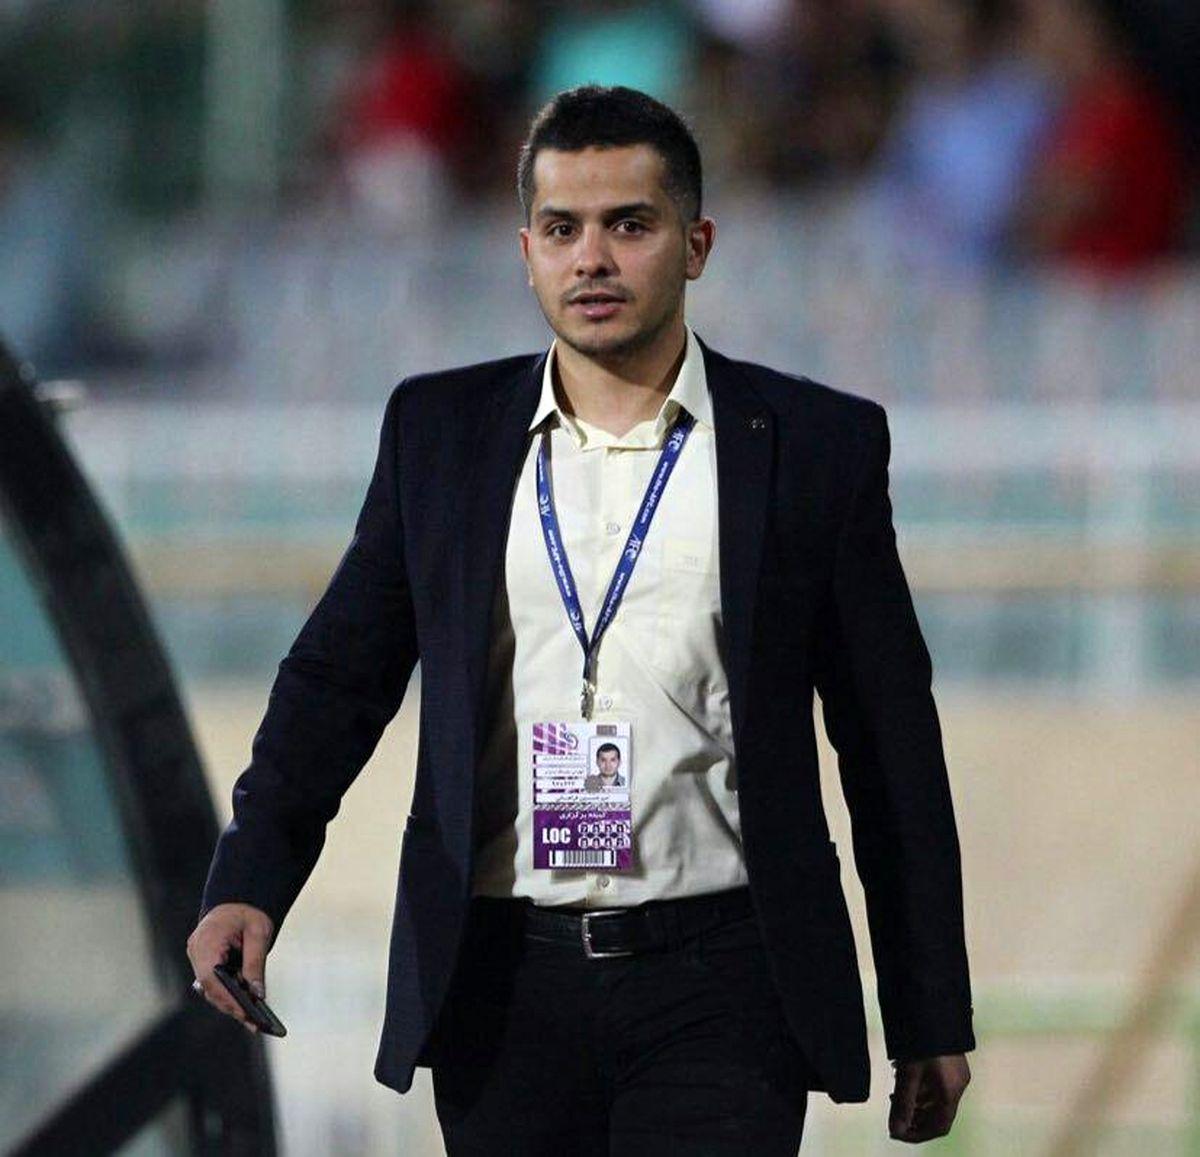 امیرحسین فراهانی نحوه صعود و سقوط در مرحله نهایی لیگ دسته سوم را تشریح کرد